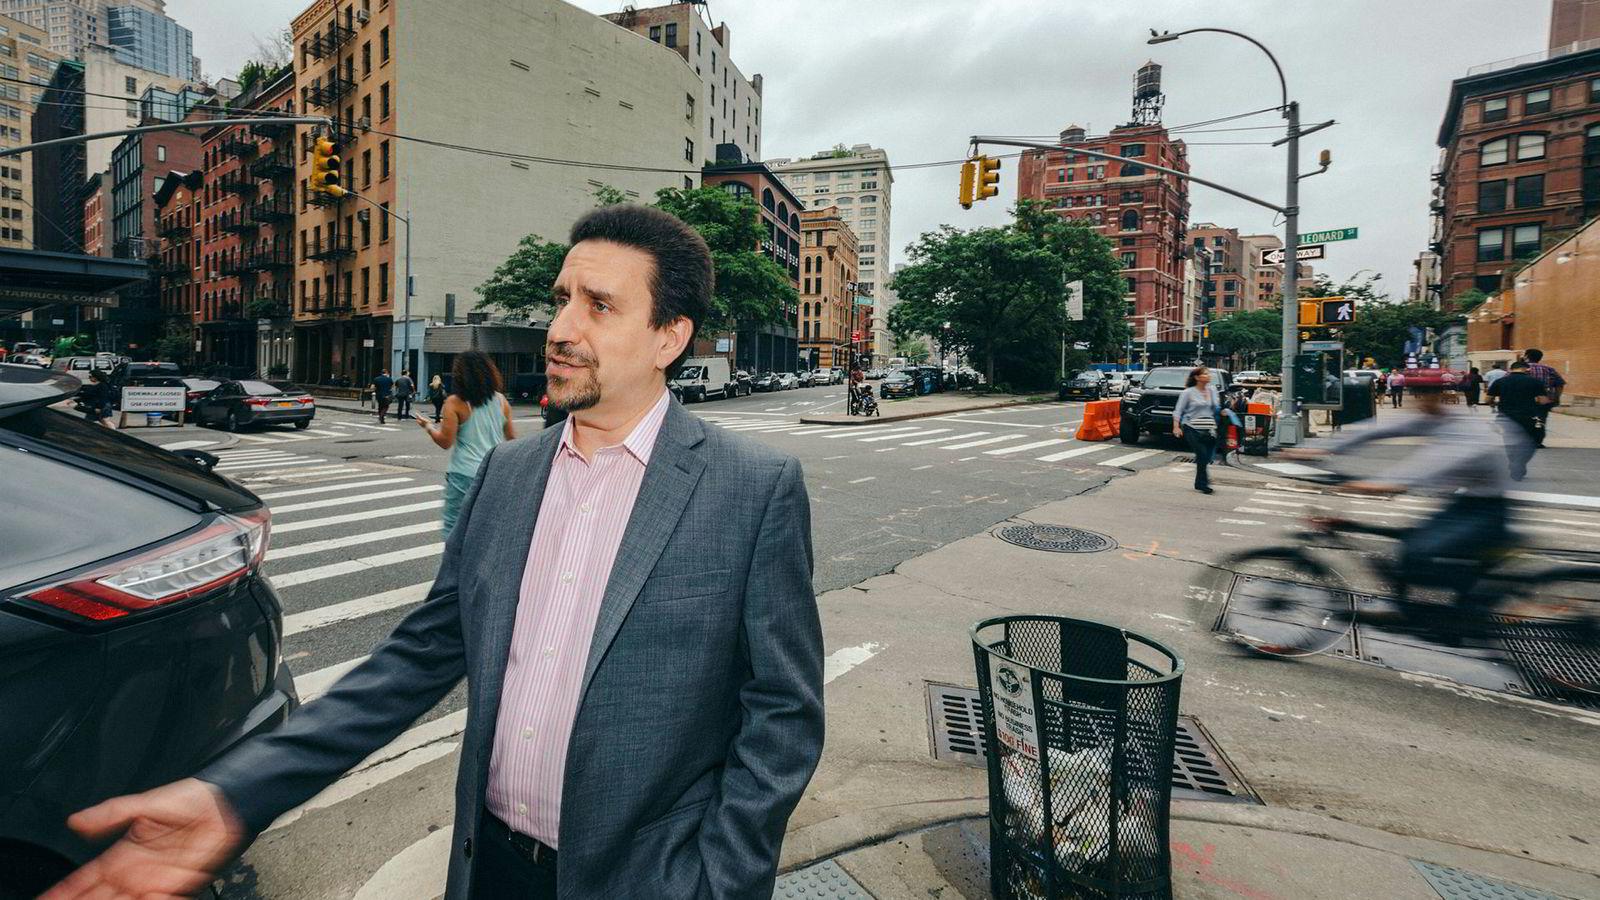 Direktør Glenn Barros i plateselskapet Concord utenfor New York Lawschool hvor den uavhengige musikkbransjen er samlet denne uken for Indie Week.